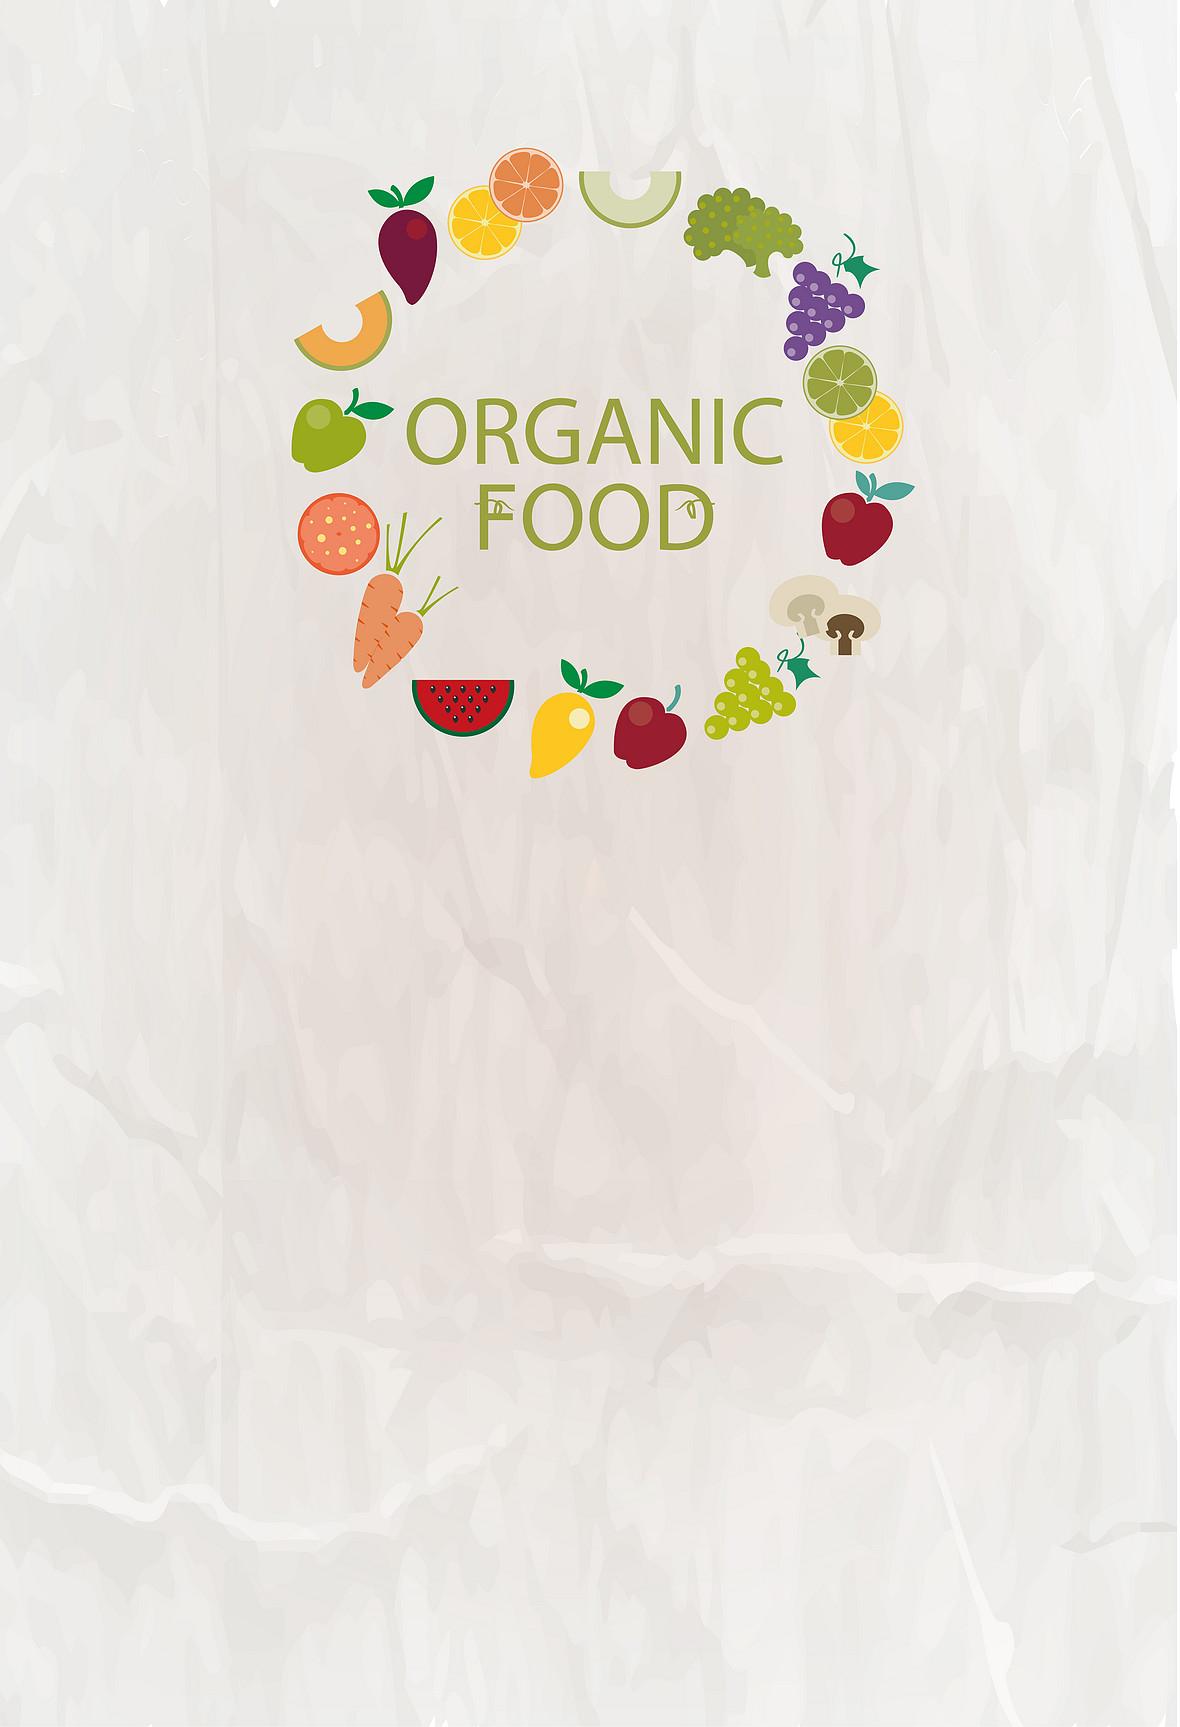 手绘插画蔬菜水果圆环特种纸海报背景素材